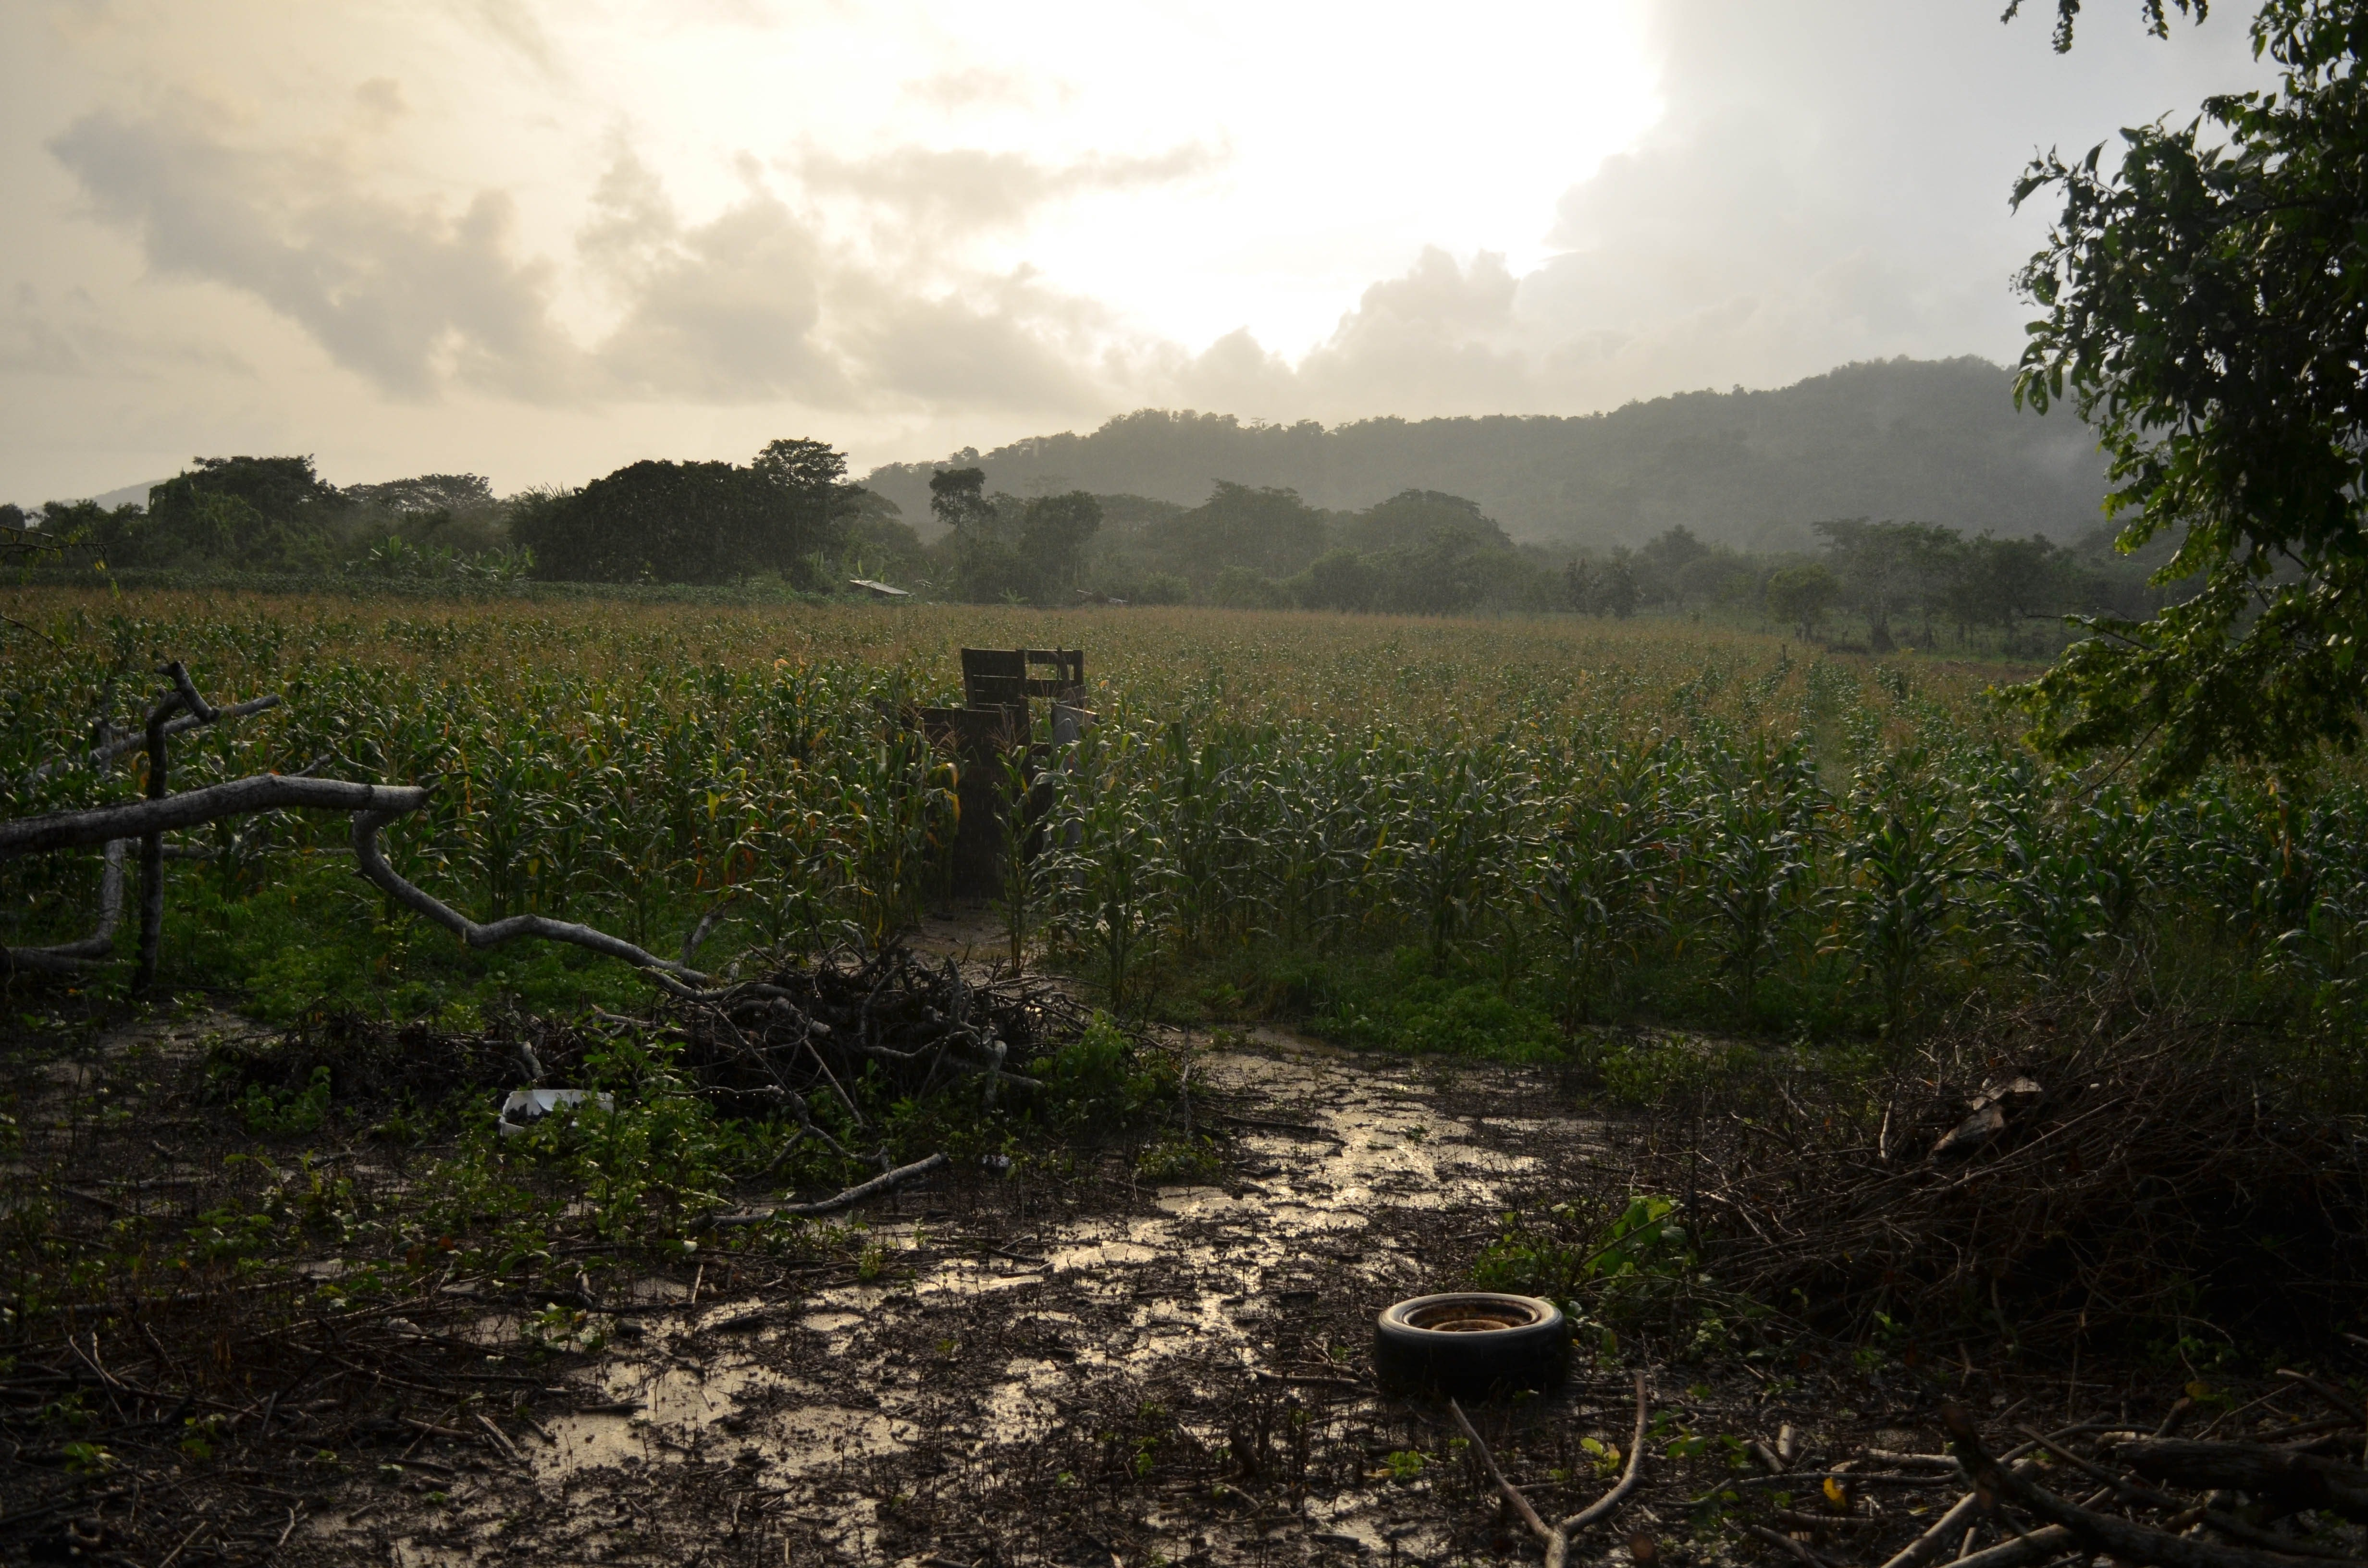 Sun over the muddy cornfield. Credit: Ainsley Herrick